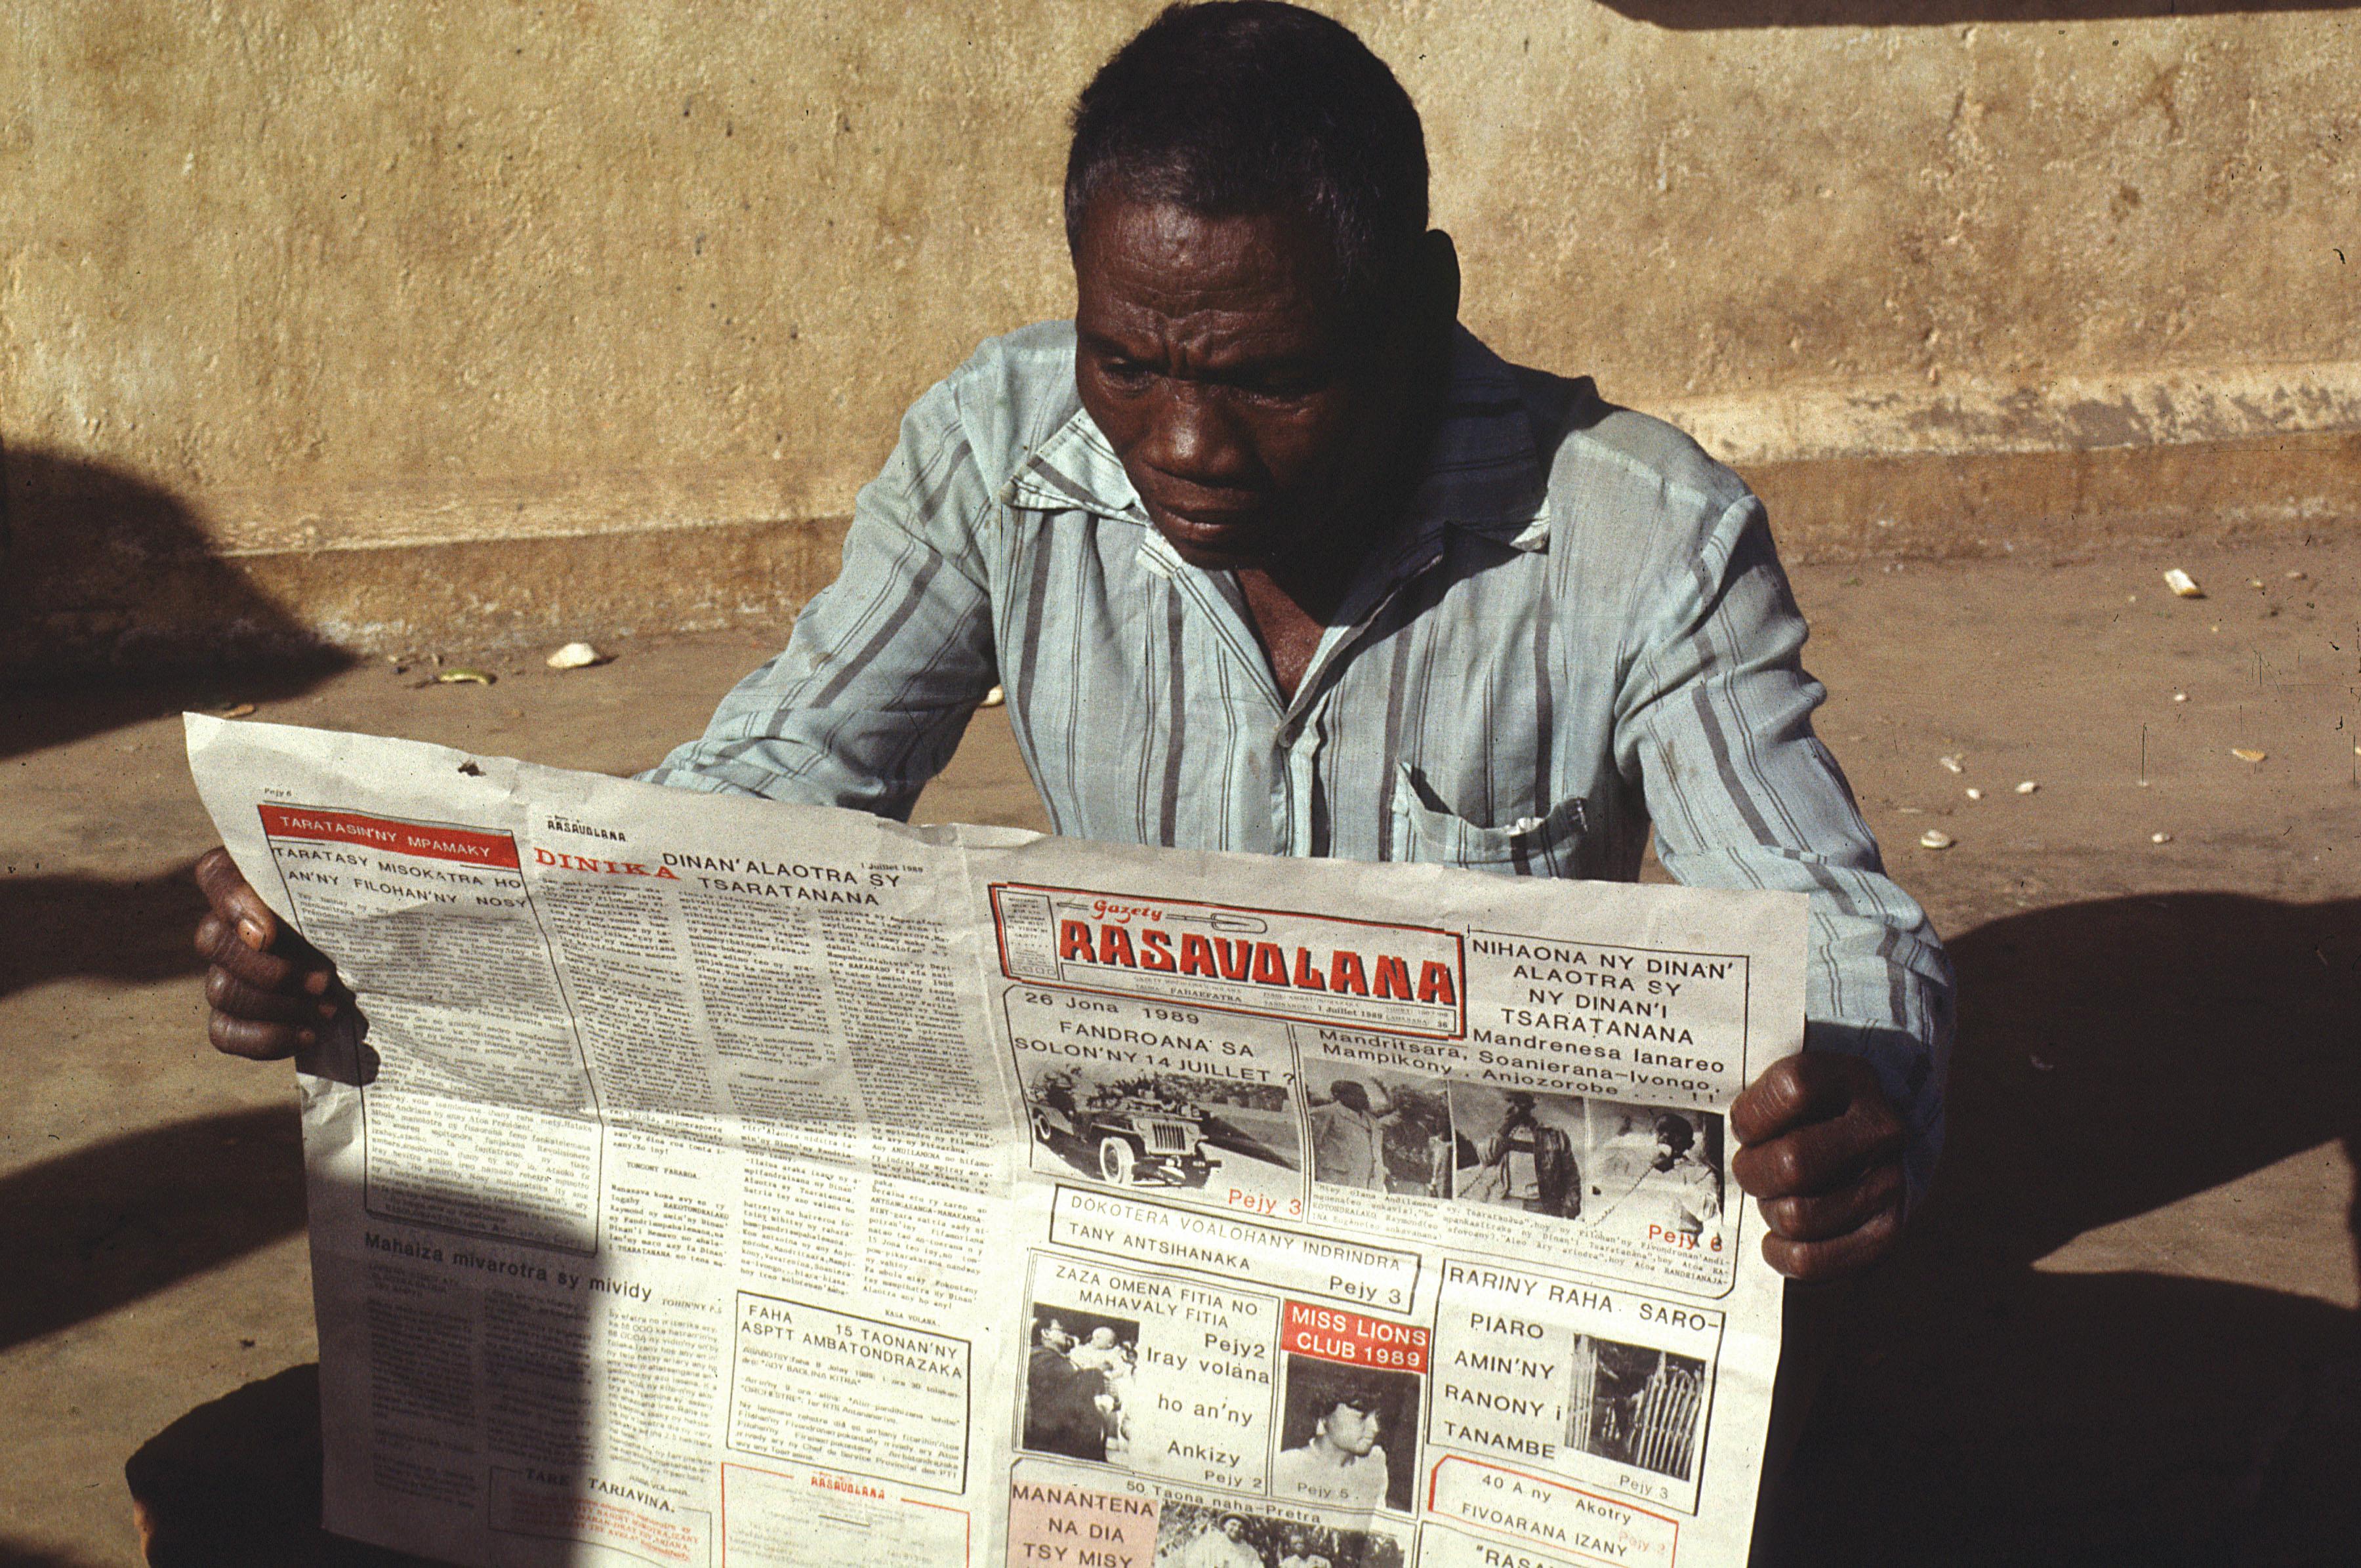 čtenář novin - Afrika - Madagaskar